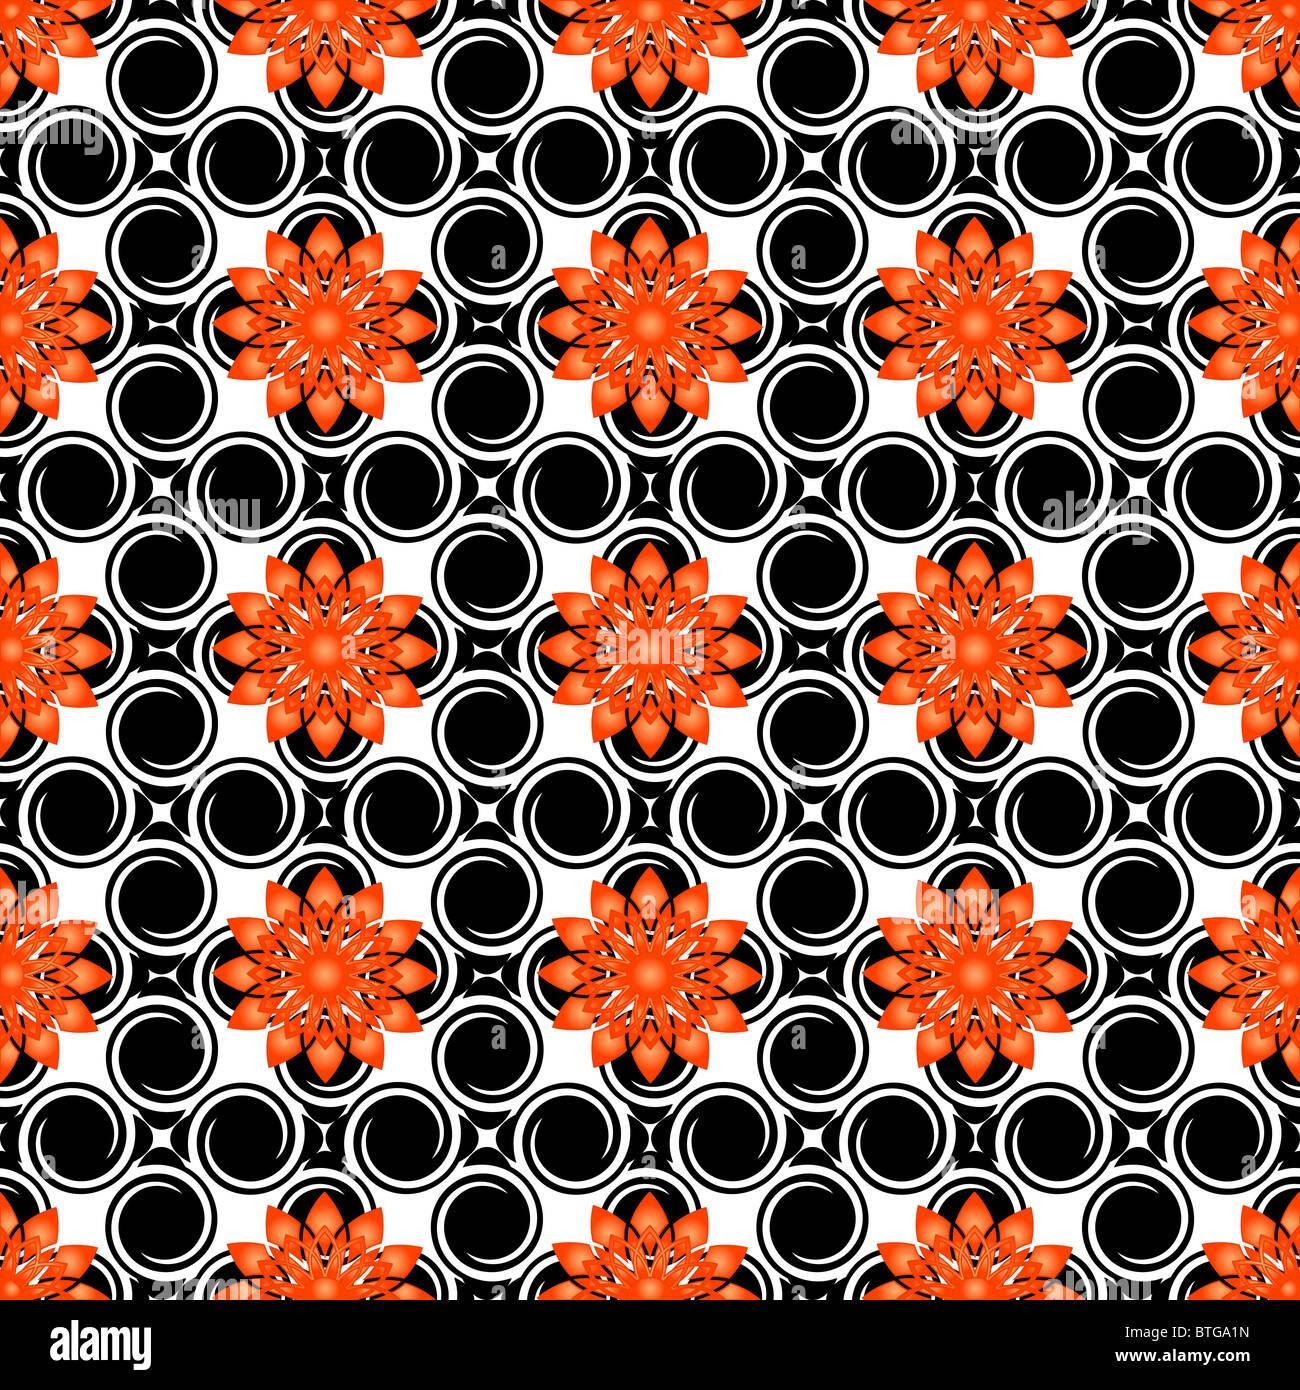 Abbildung von einem floralen Muster Stockbild